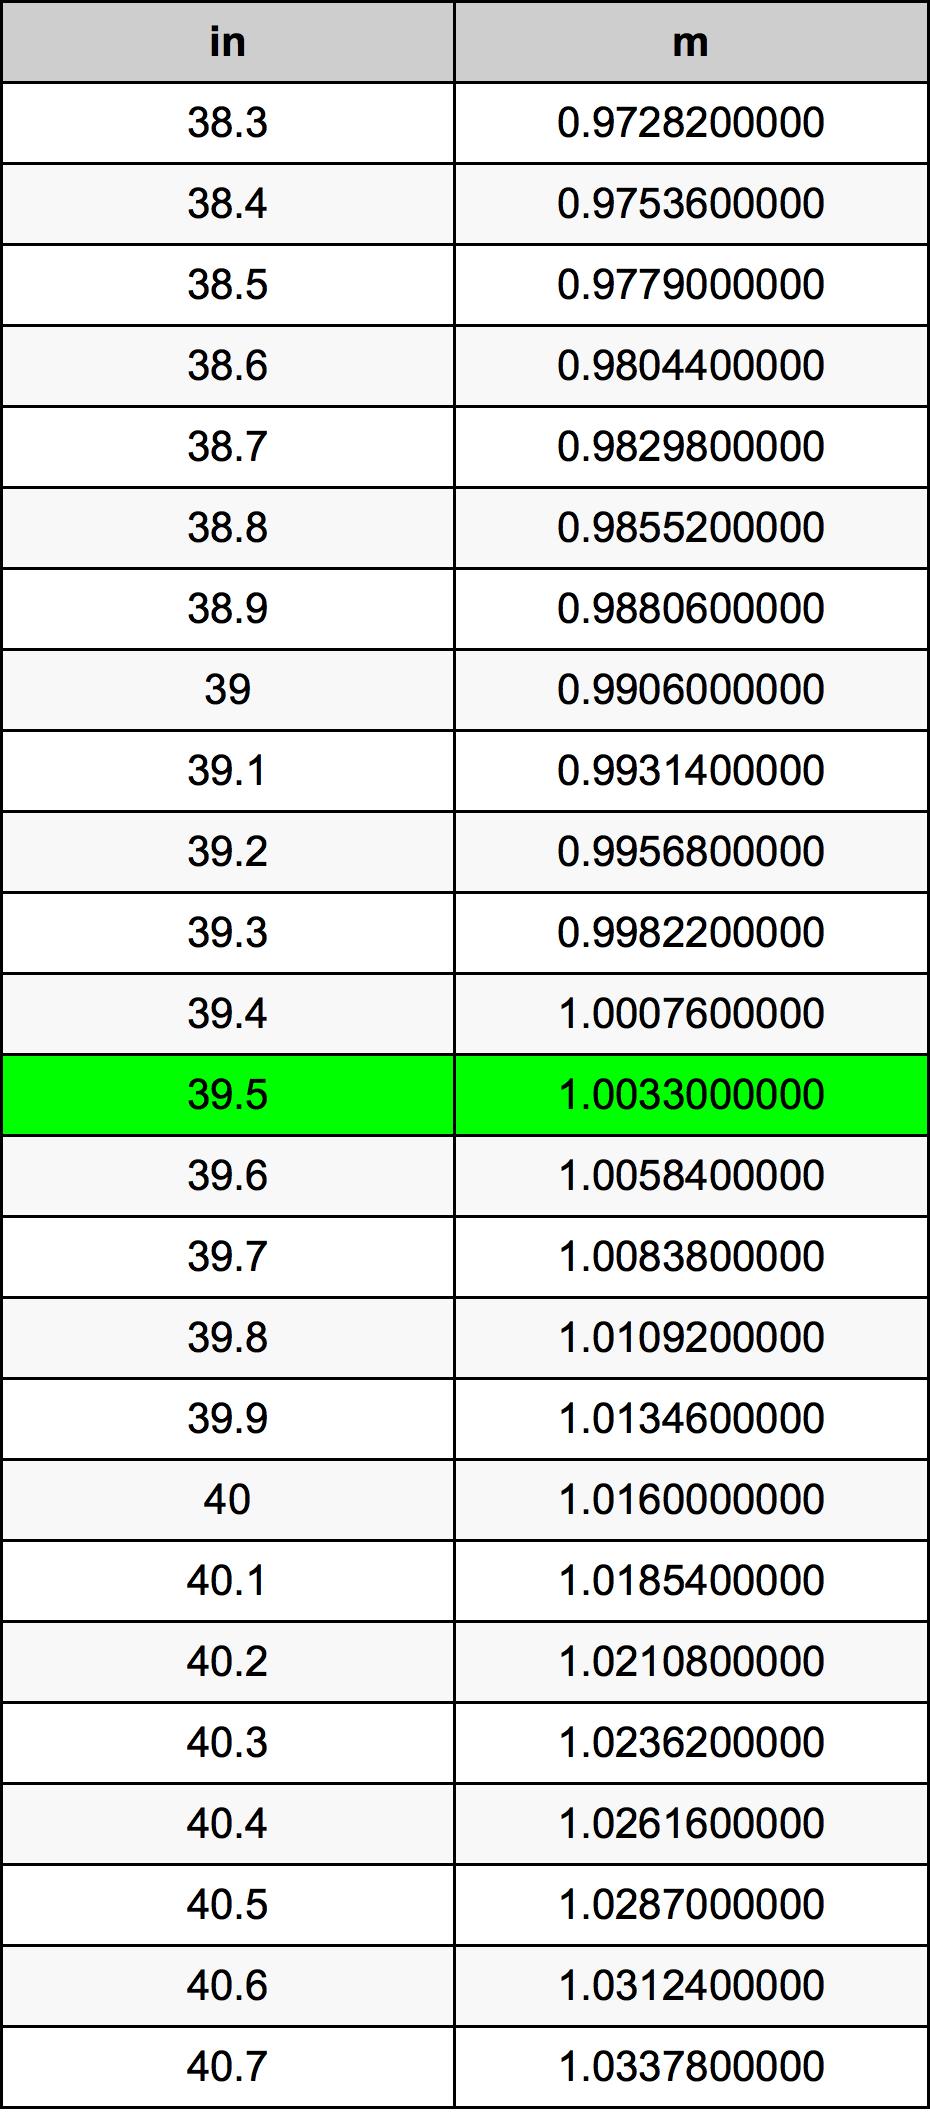 39.5 Tomme omregningstabel